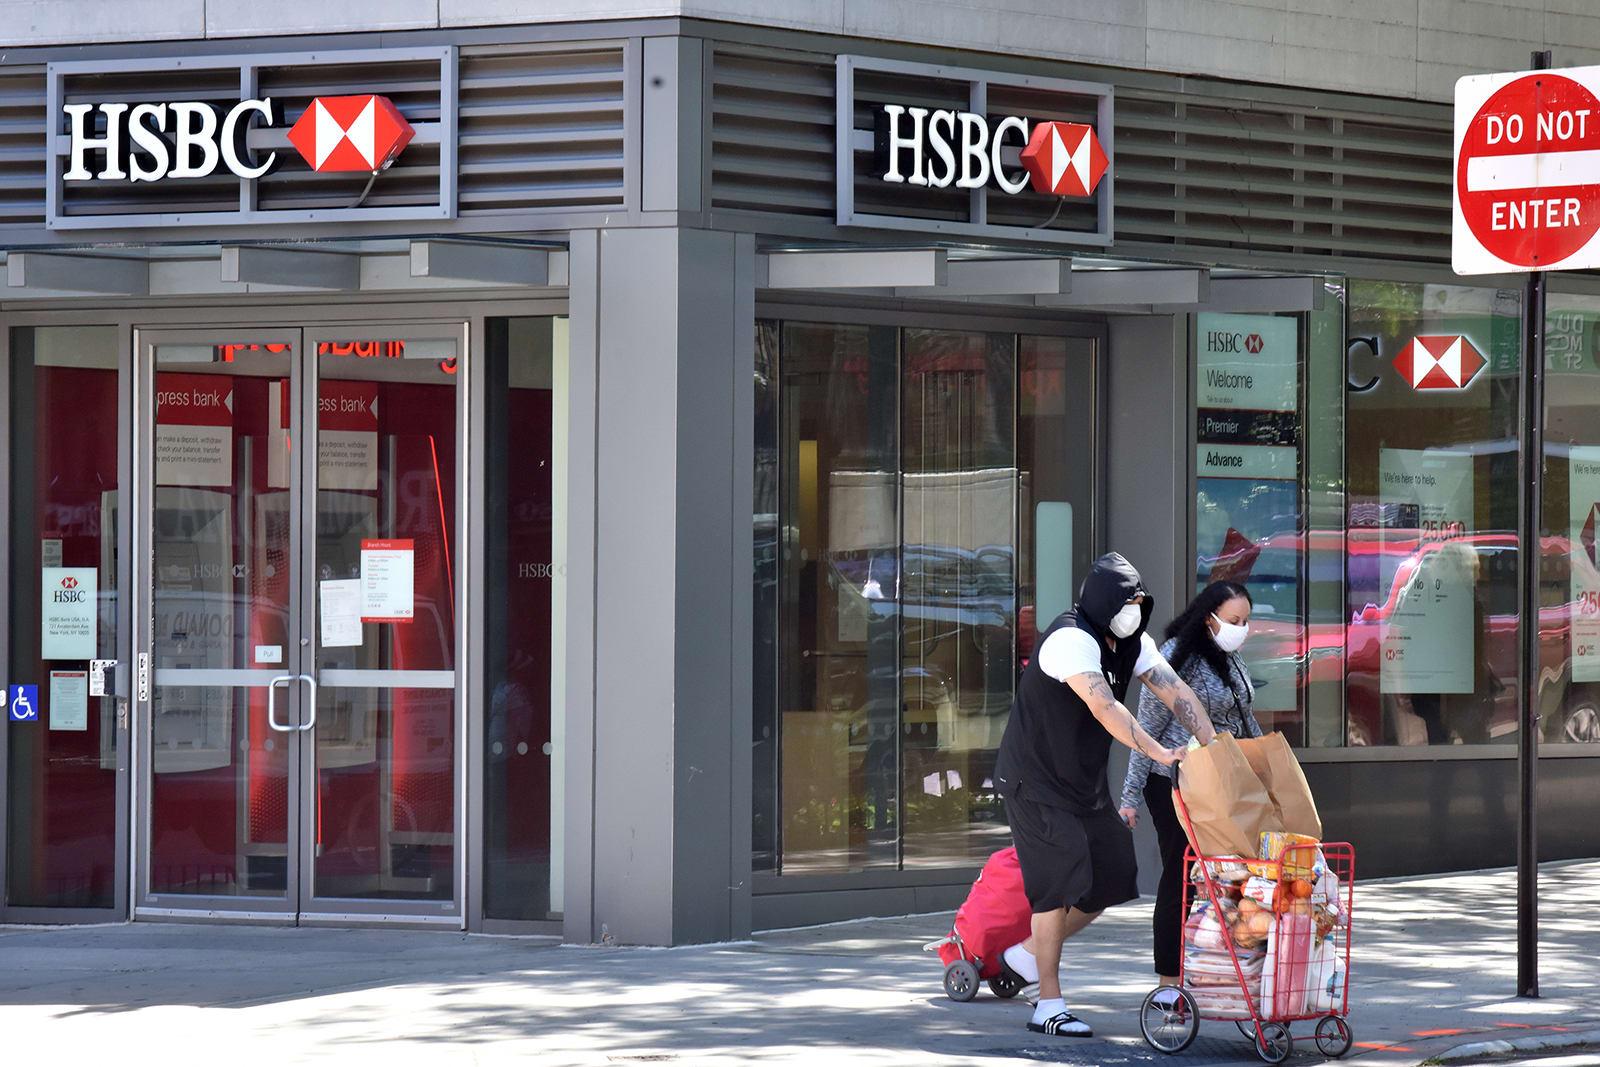 مع استمرار تبعات كورونا.. تراجع أرباح HSBC بنسبة 65٪